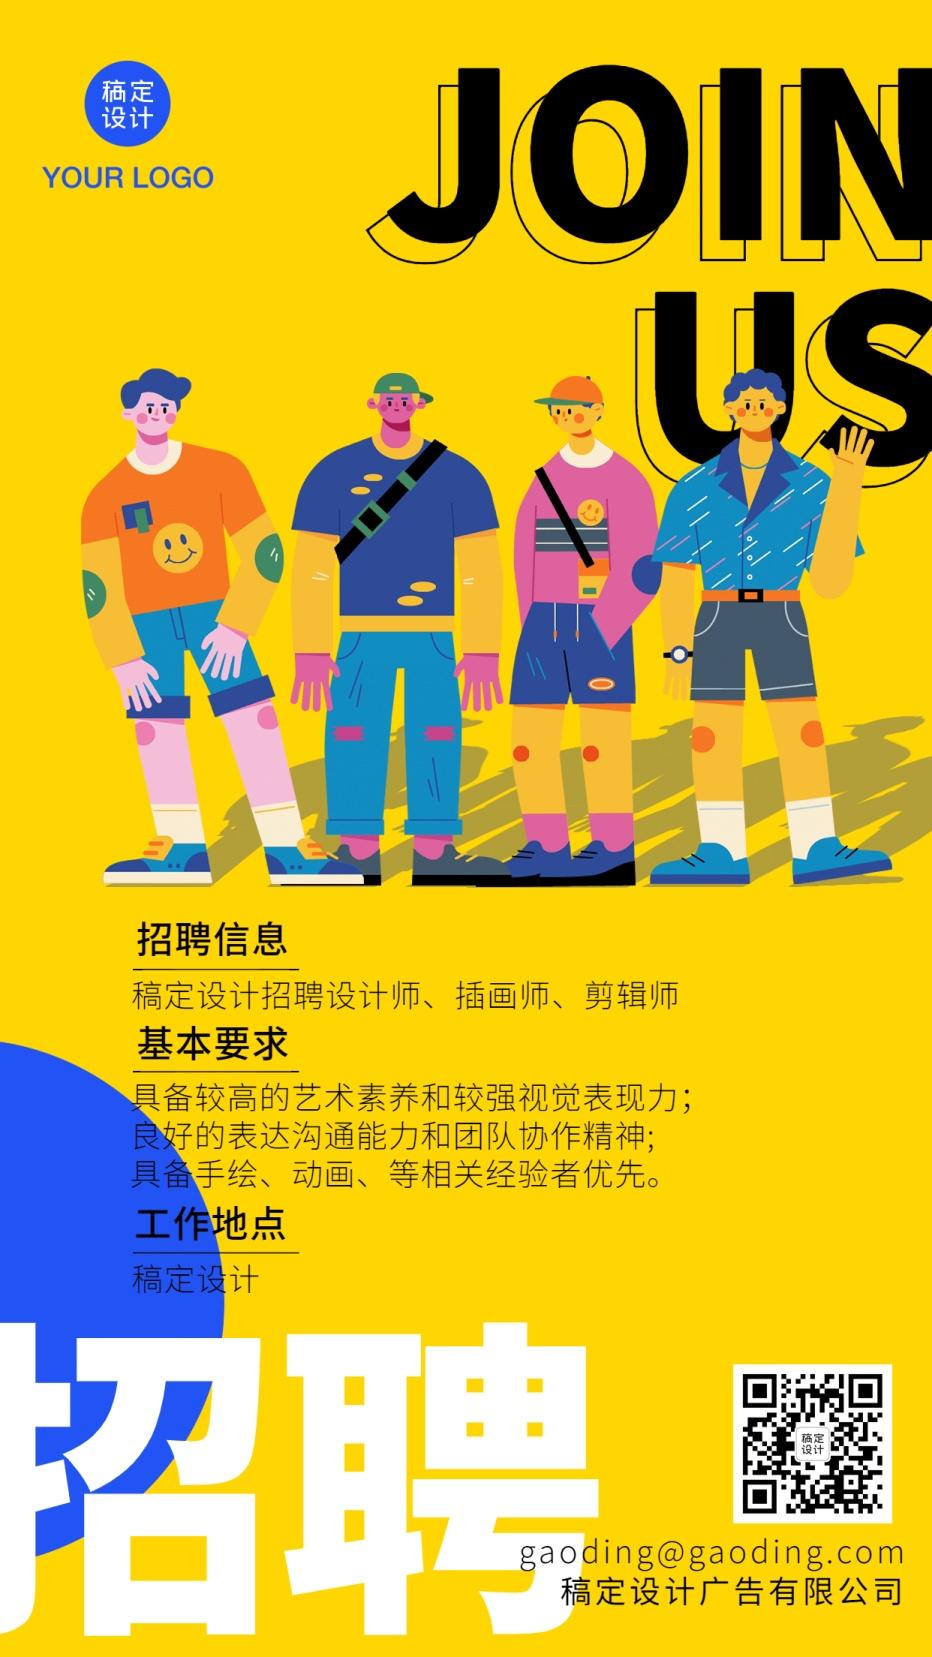 企业招聘秋招创意撞色海报